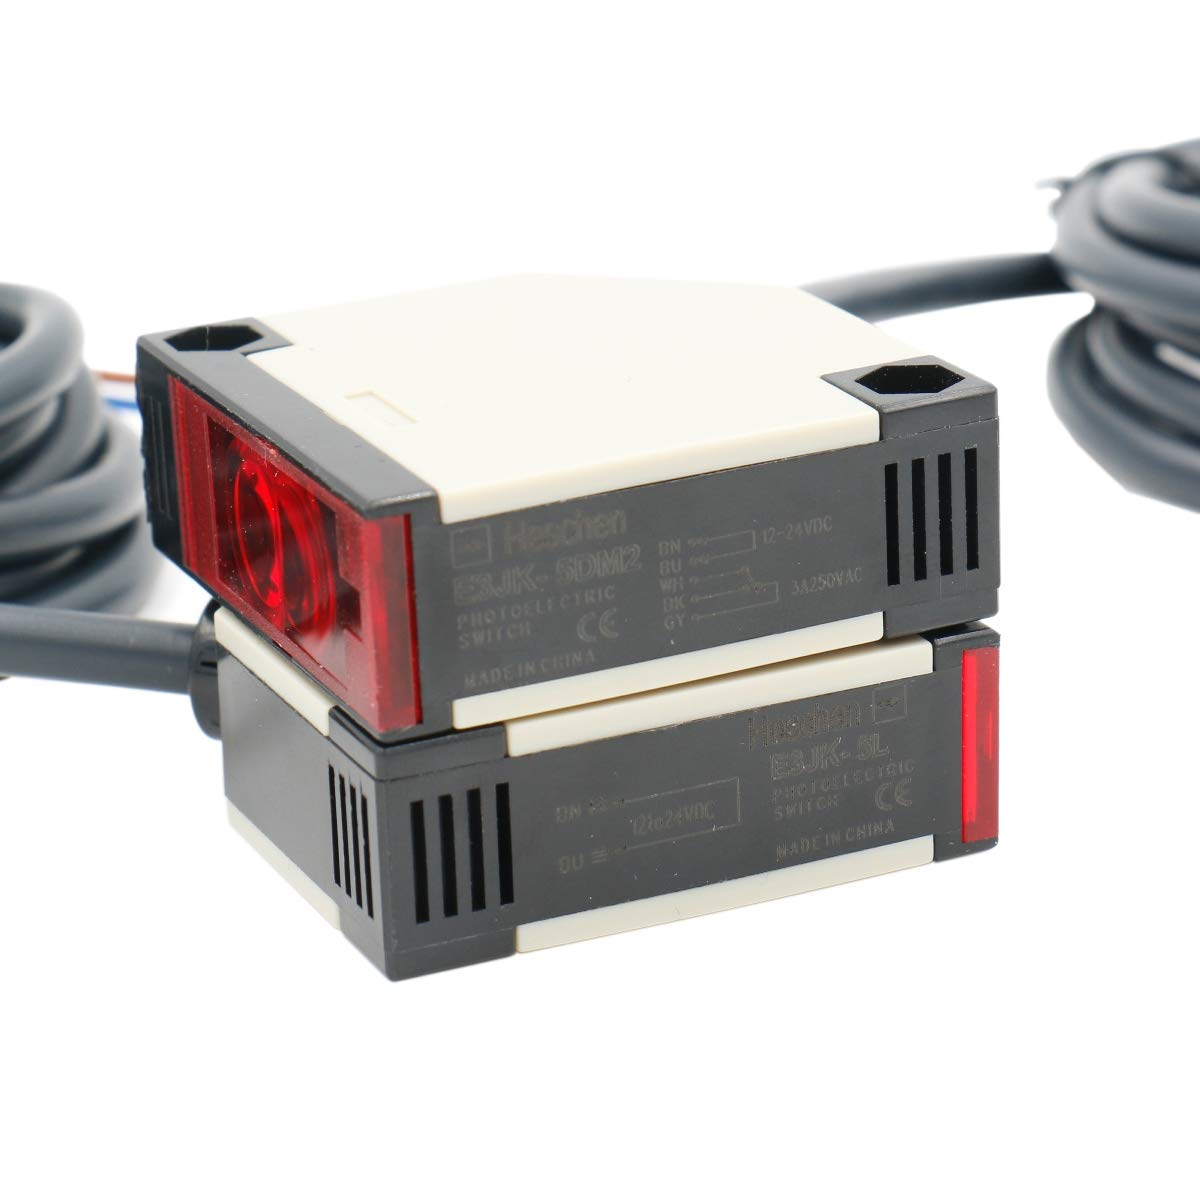 Heschen interruptor fotoeléctrico E3JK-5DM2-5L DC 12-24V tipo bijección distancia de detección 5m